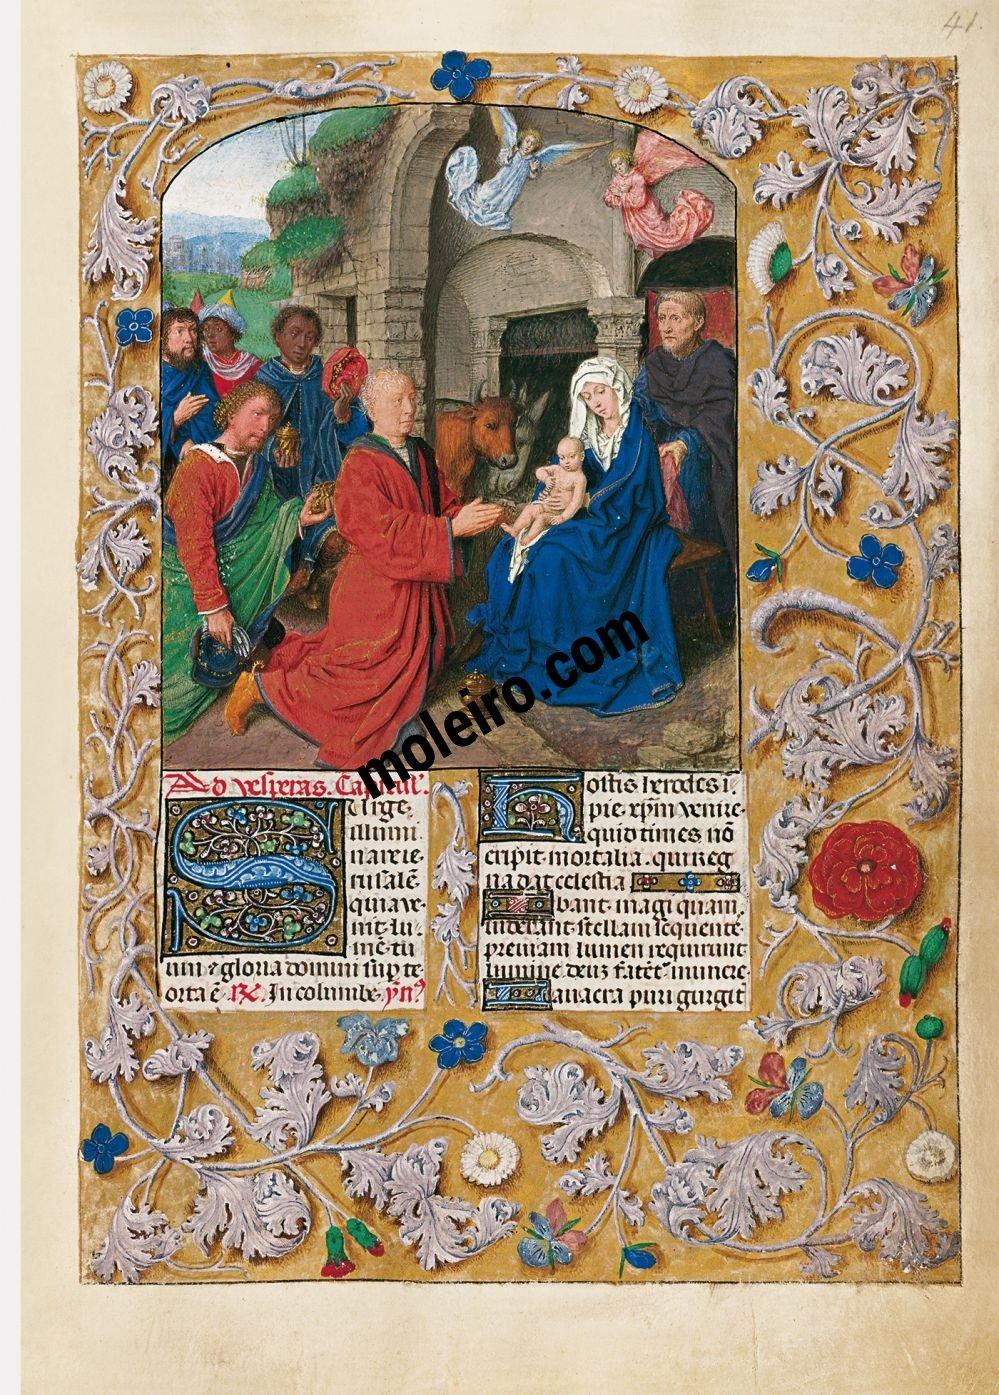 Breviario d'Isabella la Cattolica